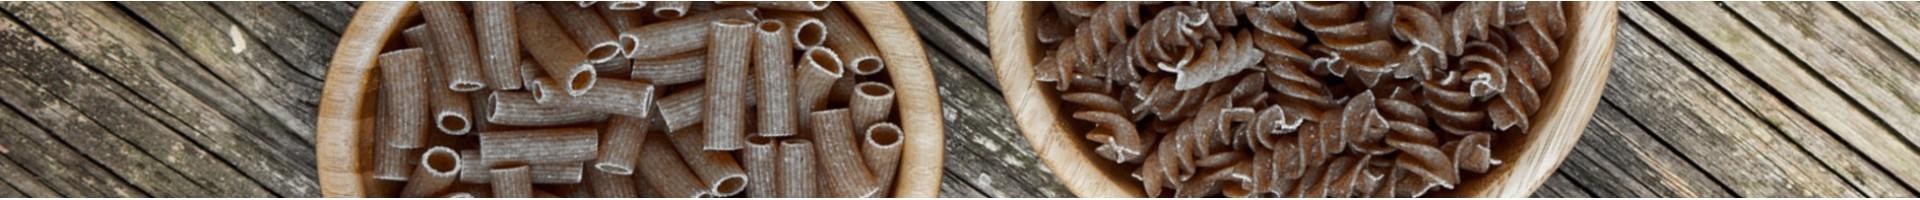 Pasta de Centeno: Espaguetis negros y mucho más  | La Finestra